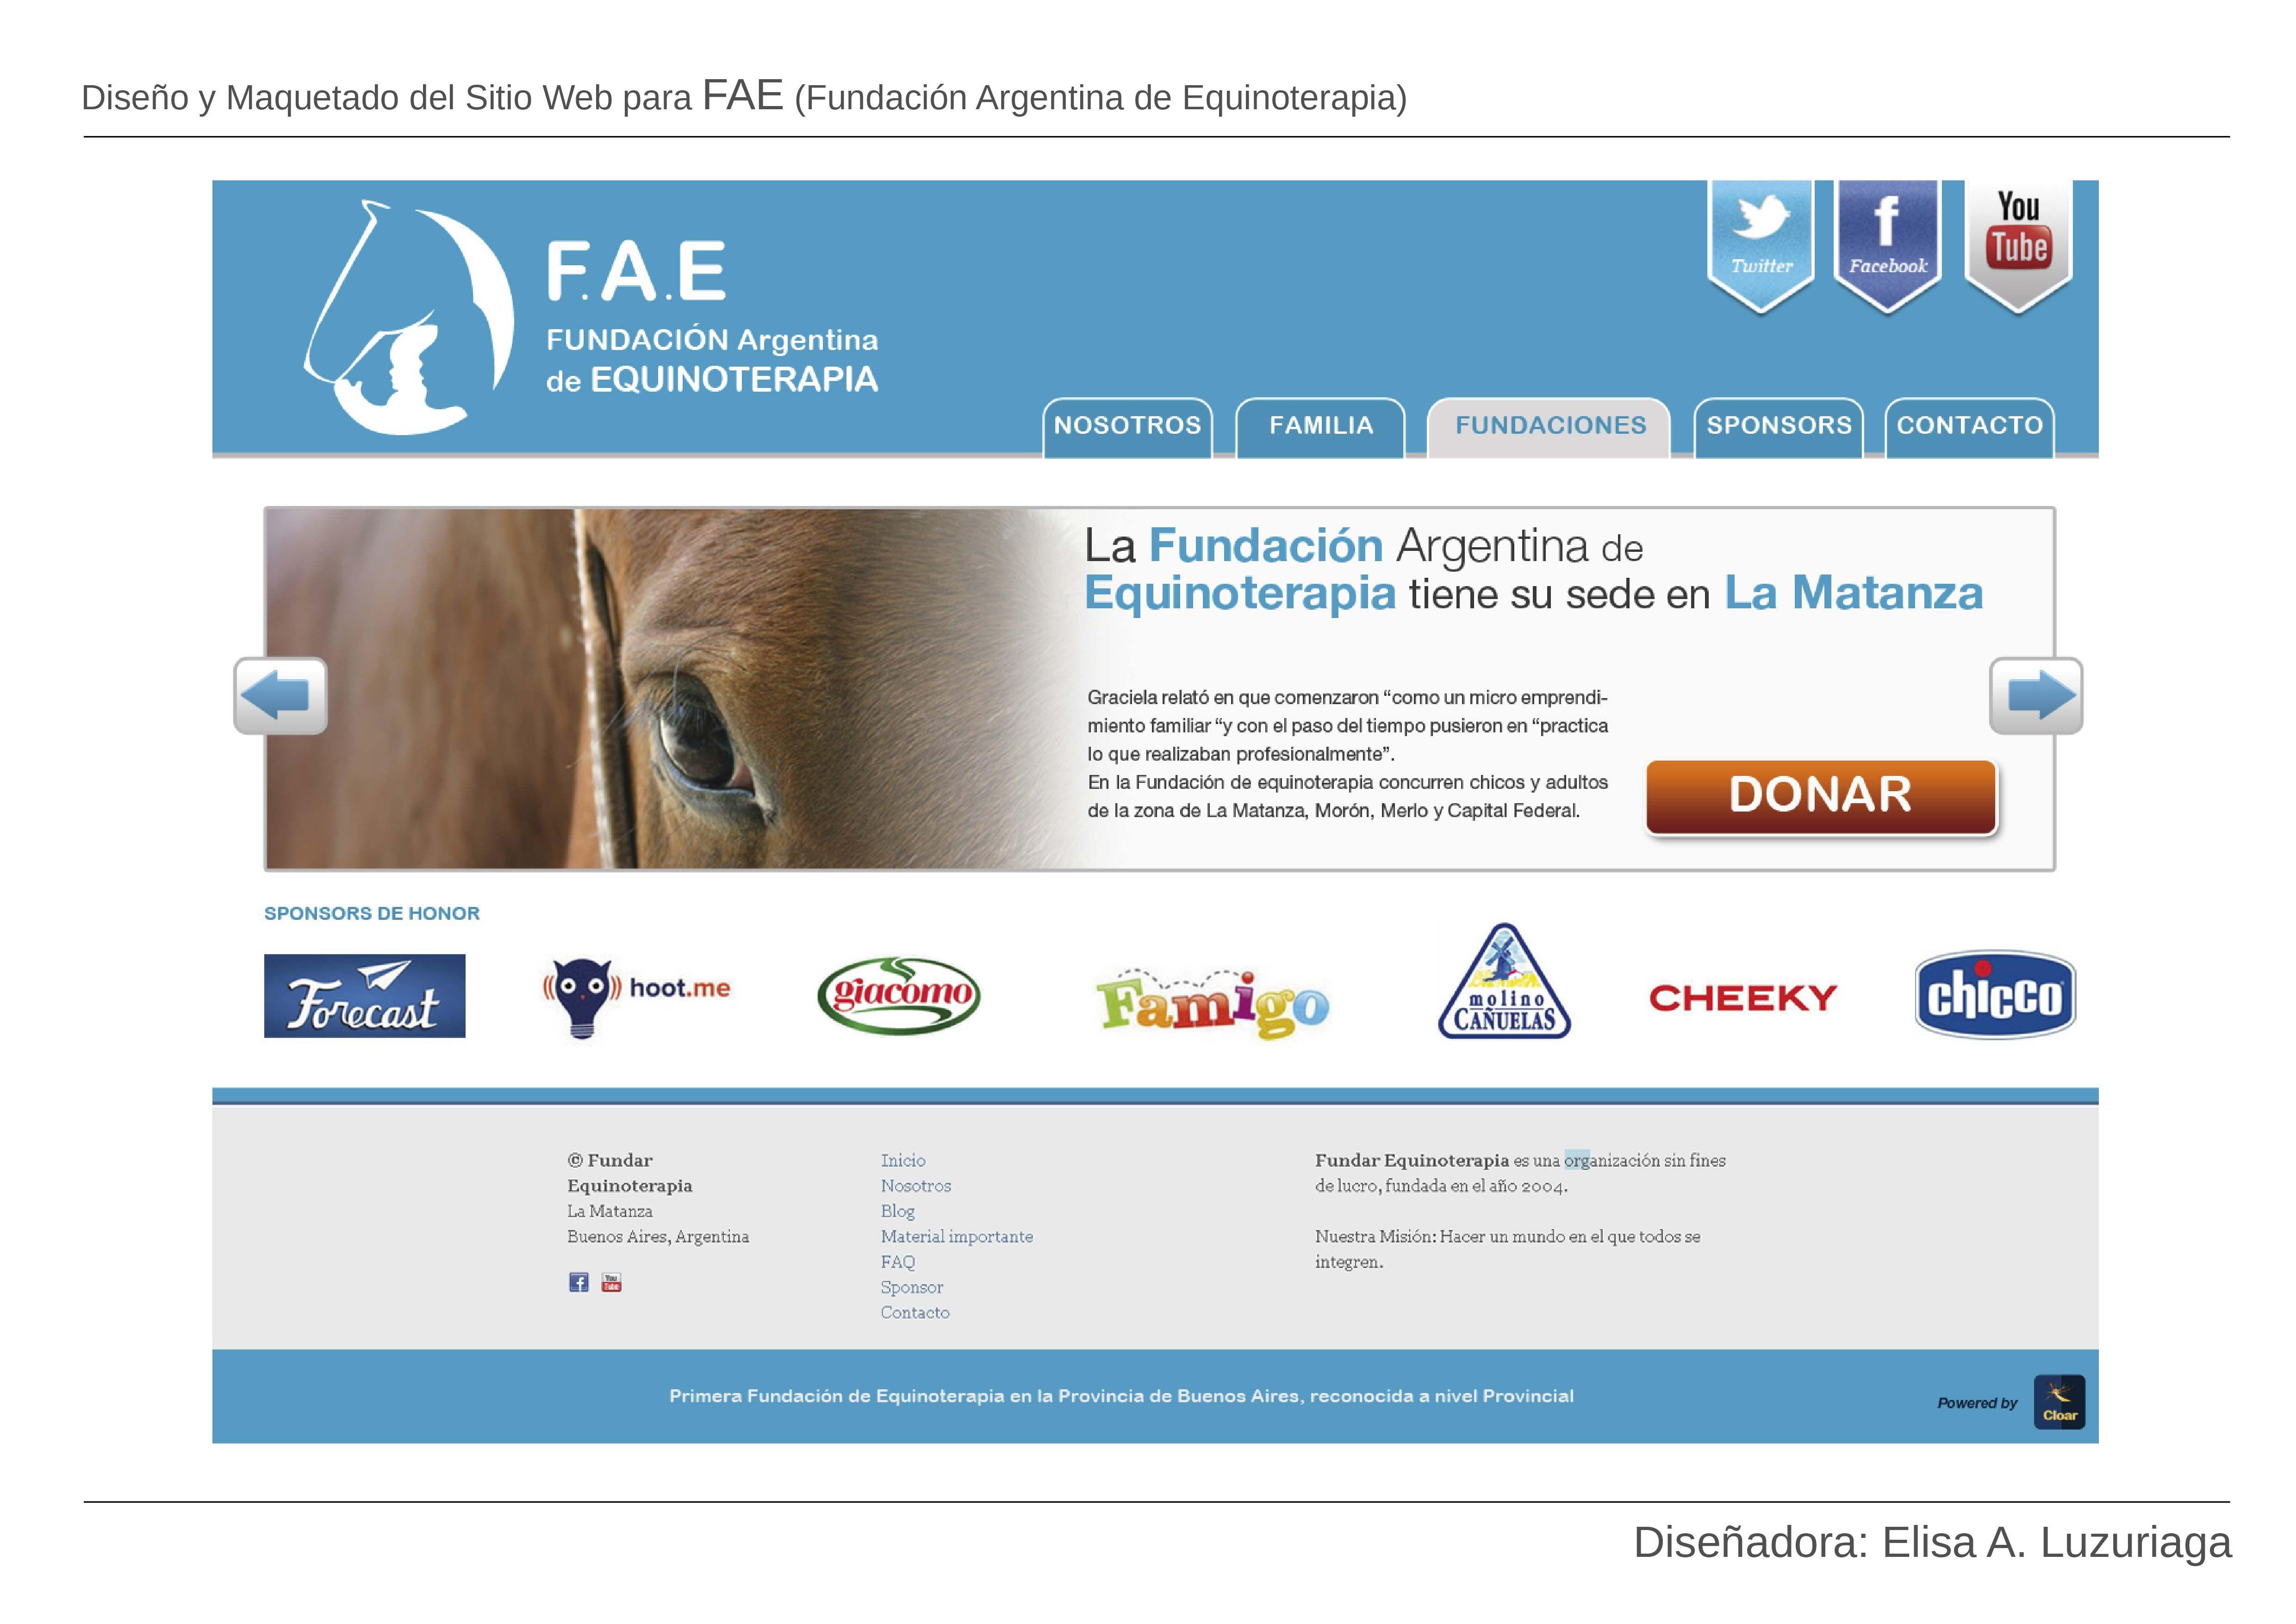 Diseño y Maquetado del Sitio Web para FAE (Fundación Argentina de Equinoterapia)